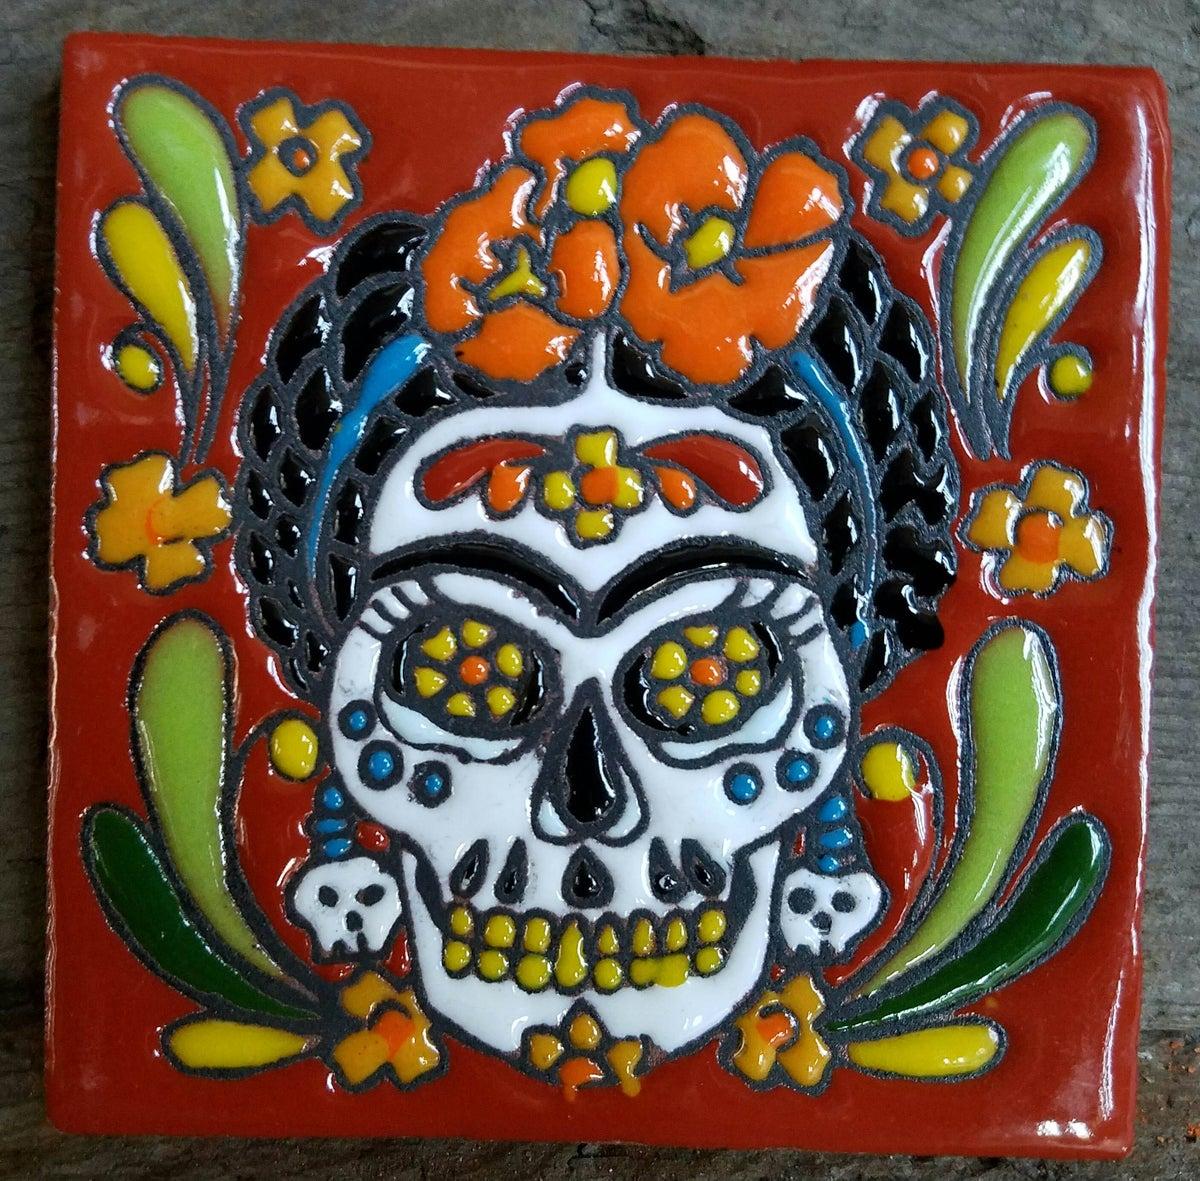 Image of Frida Muerto